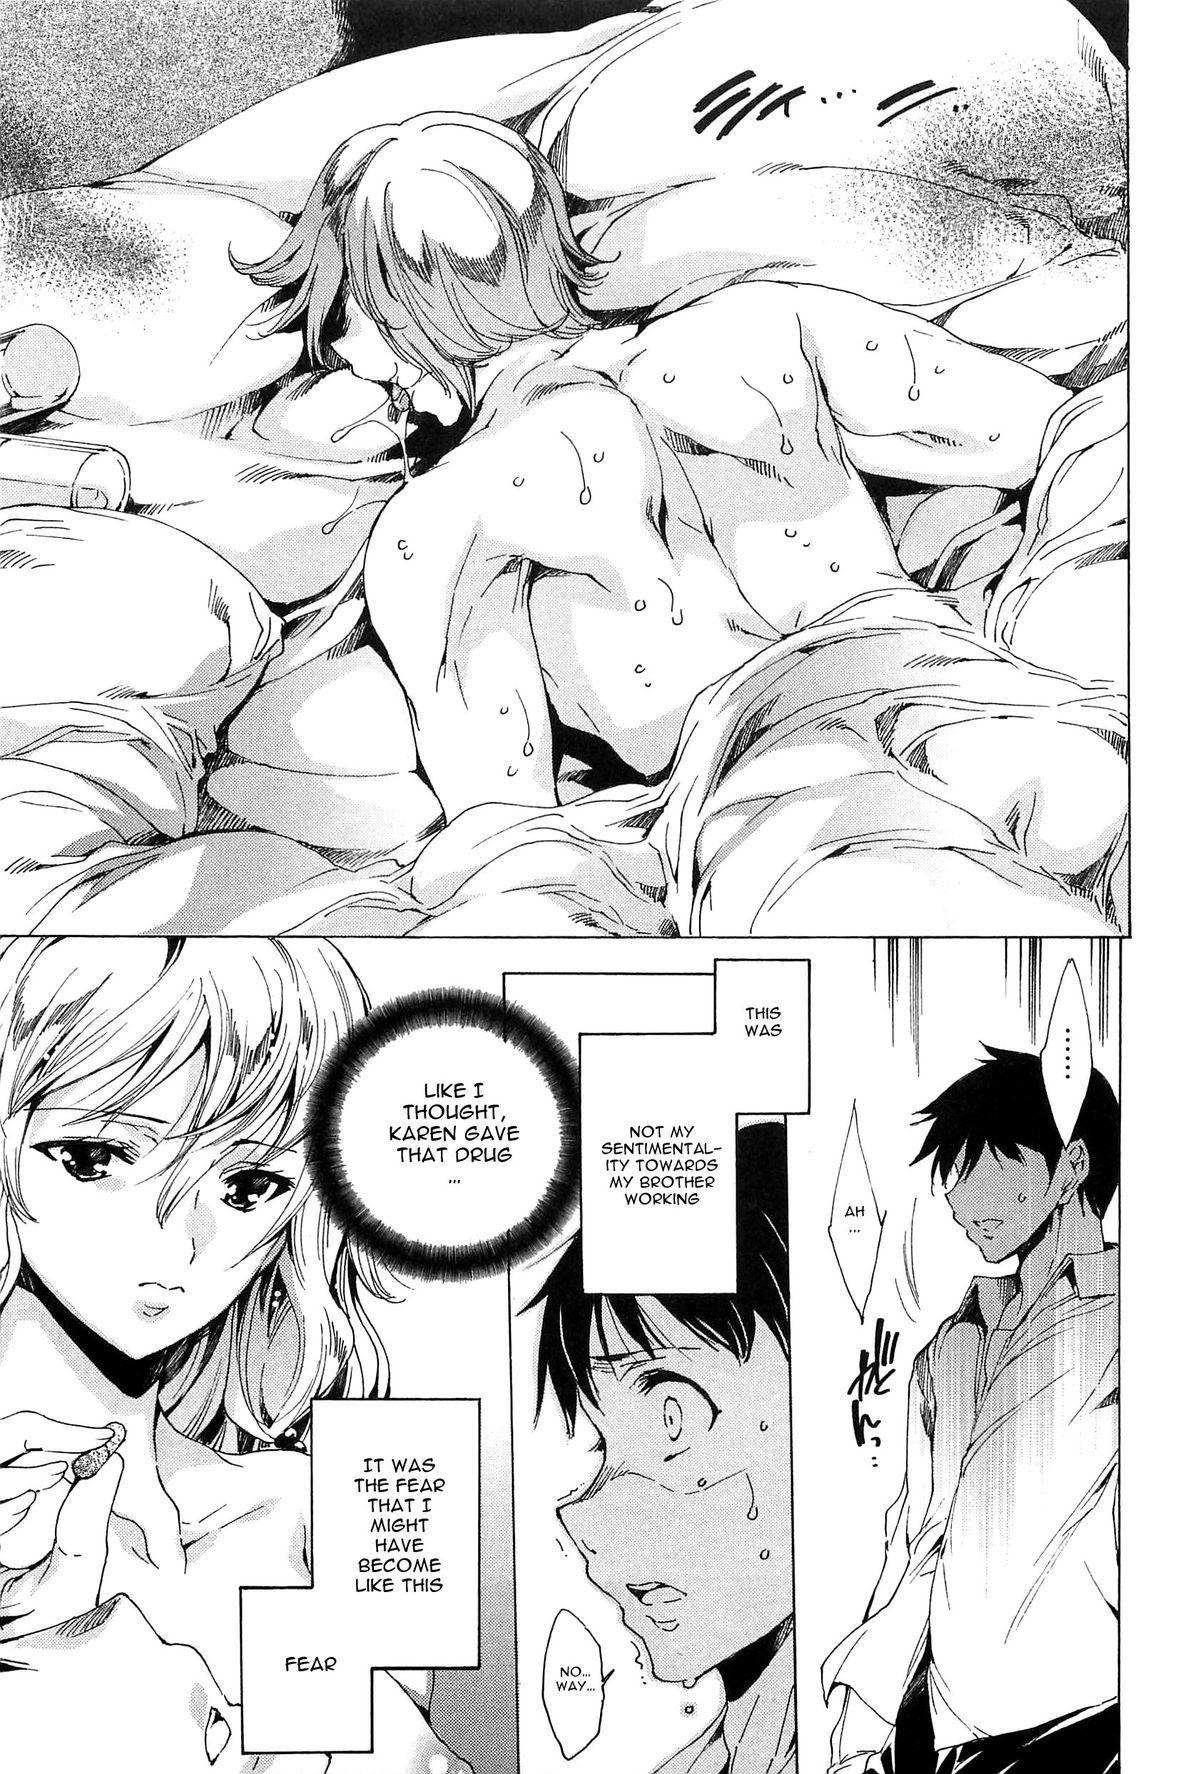 [Yuiga Naoha] Nikuyoku Rensa - NTR Kanojo   Chains of Lust - NTR Girlfriend [English] {doujin-moe.us} 114